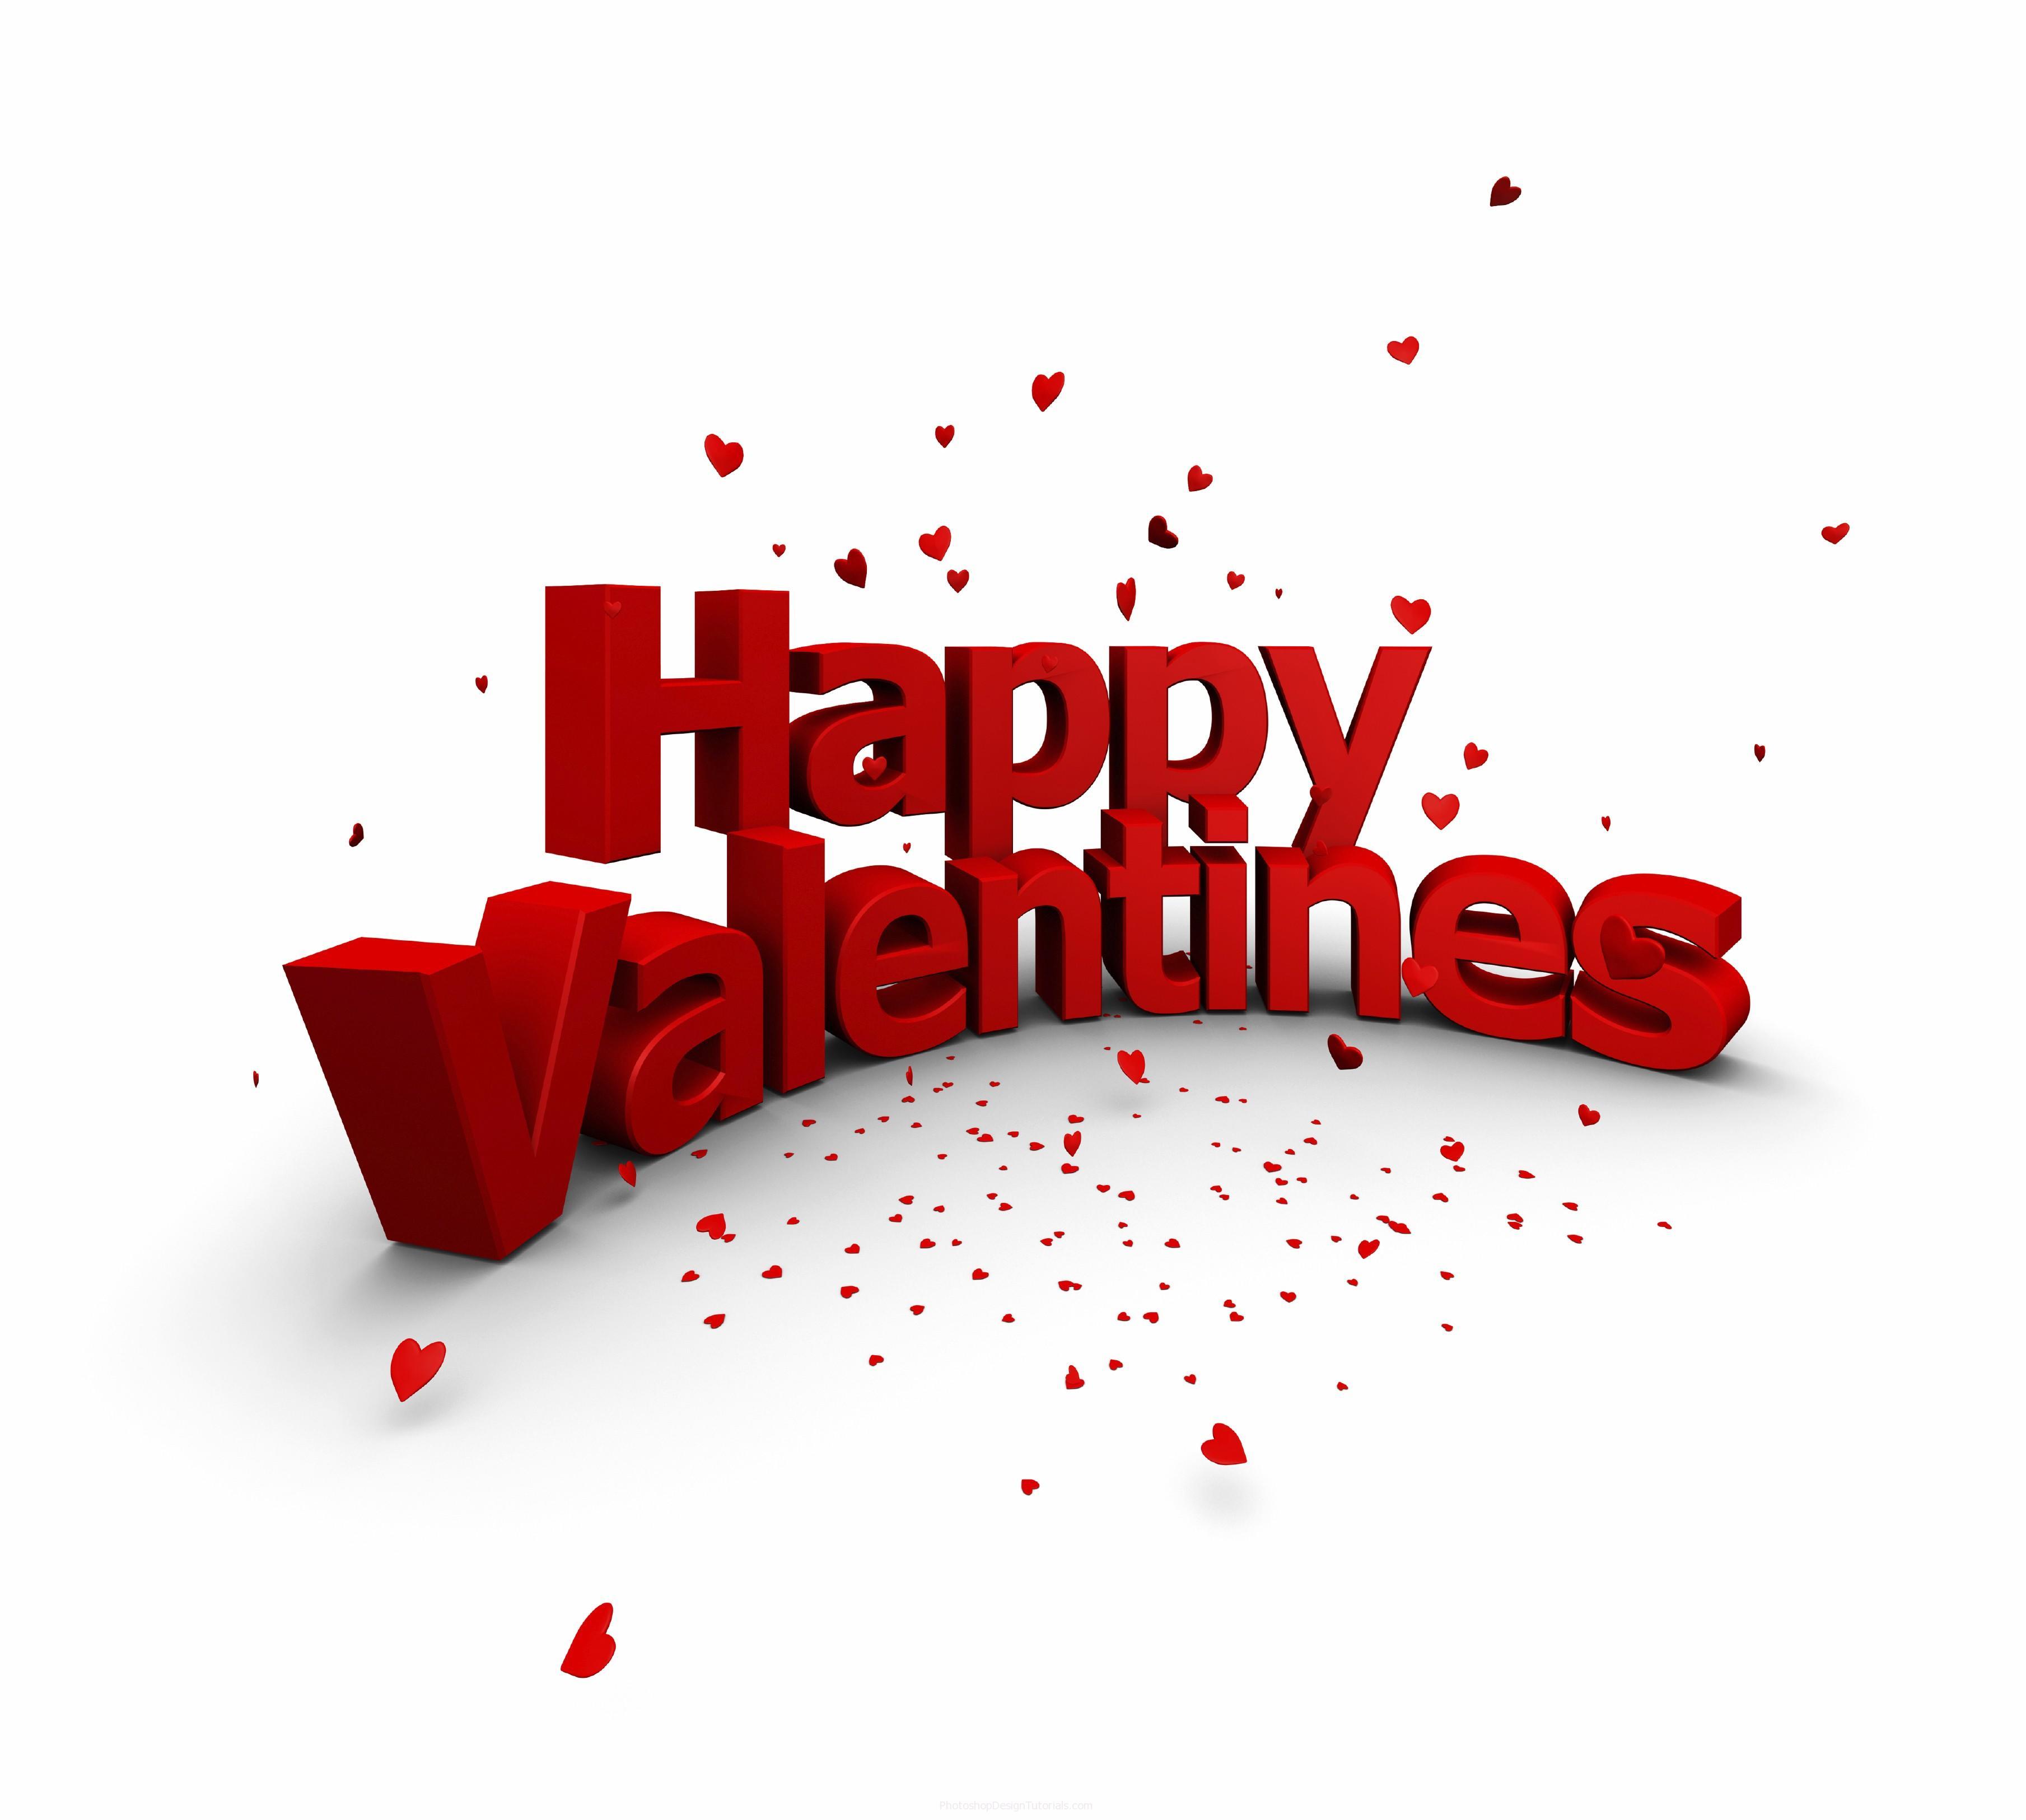 W mesmerizing cute cheesy valentines day ideas cute funny valentines day quotes cute funny valentines day quotes for friends cute valentine day quotes for boyfriends cute valentine day quotes fo